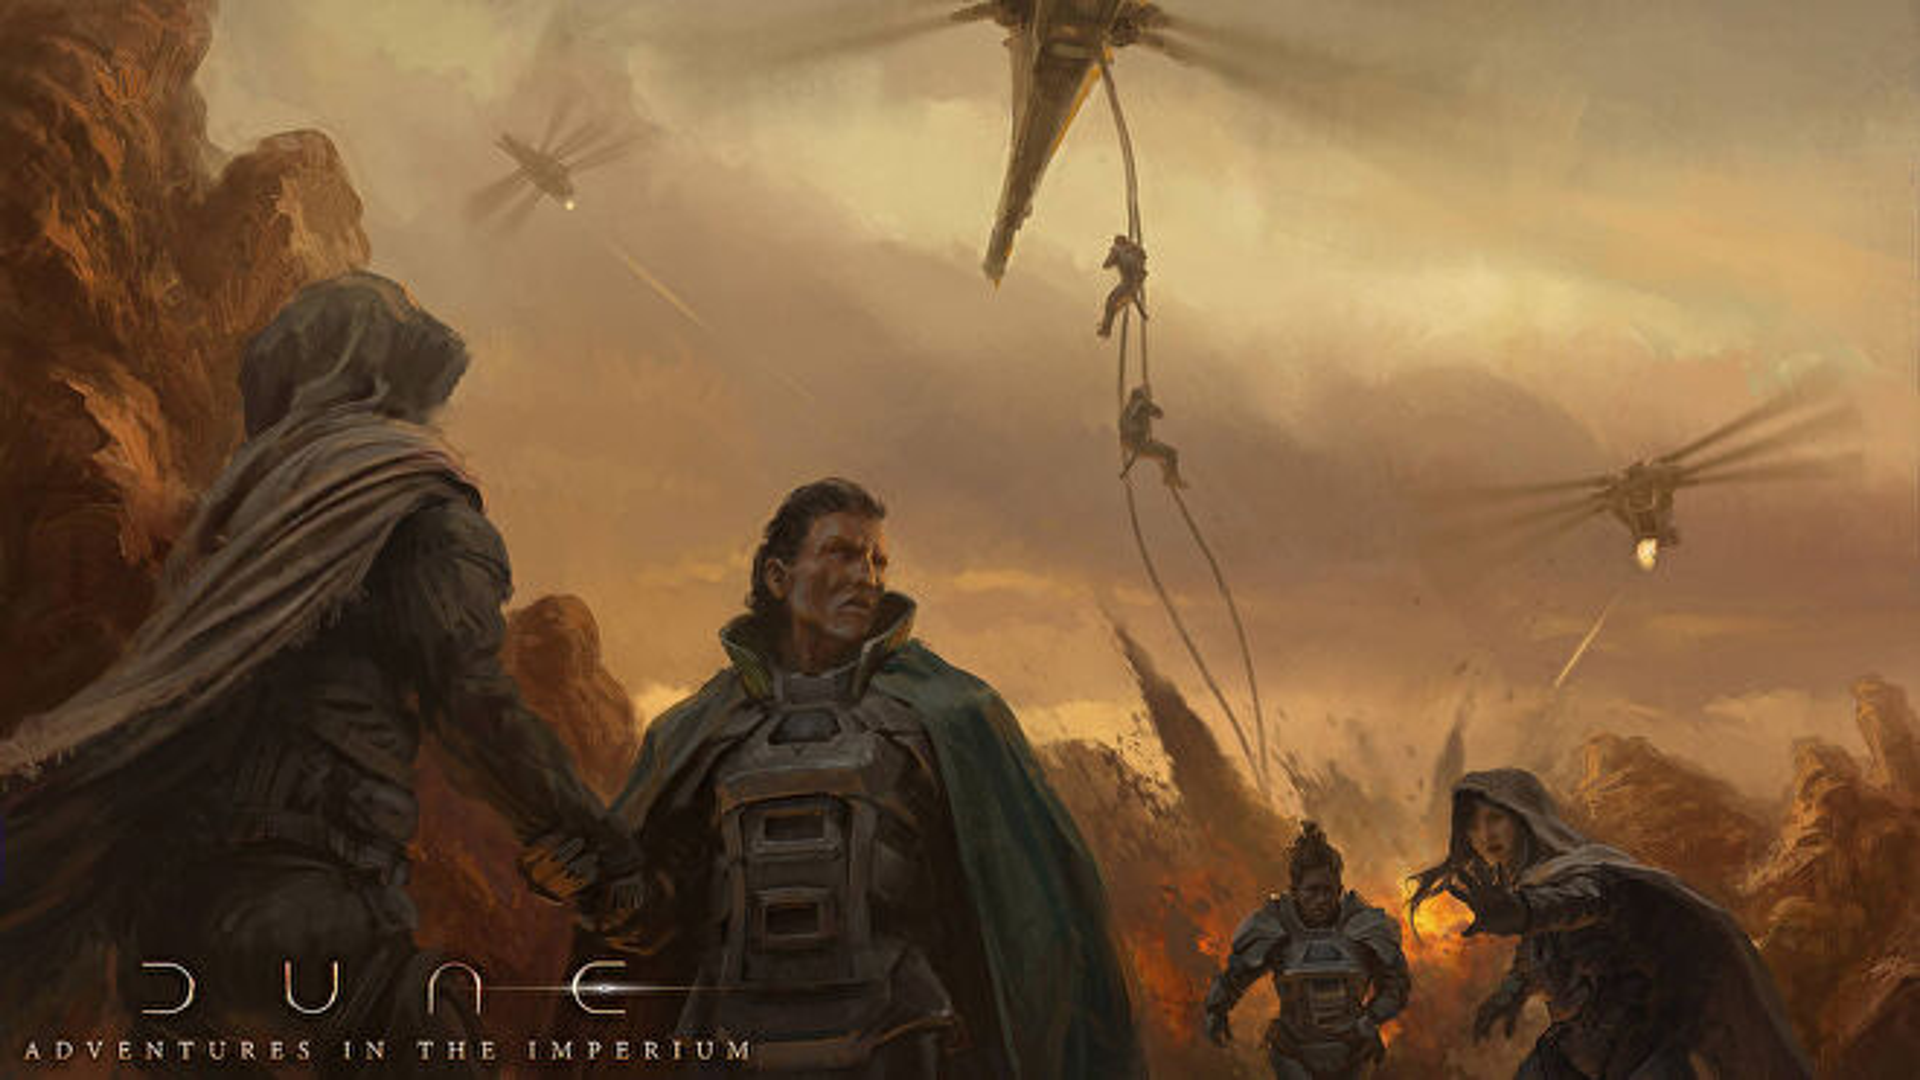 dune-rpg-adventures-in-the-imperium-artwork-1.jpeg